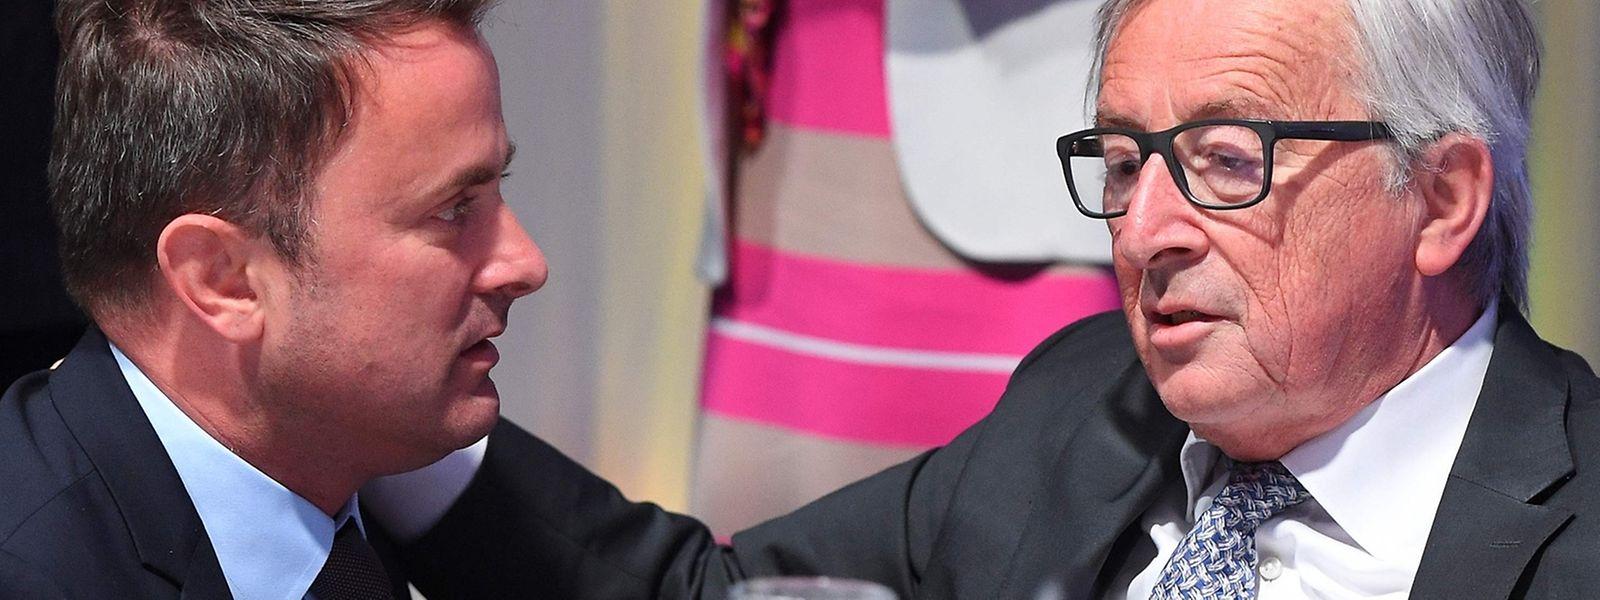 Premier Xavier Bettel und EU-Kommissionspräsident Jean-Claude Juncker nutzten die Gelegenheit zu einem Meinungsaustausch.